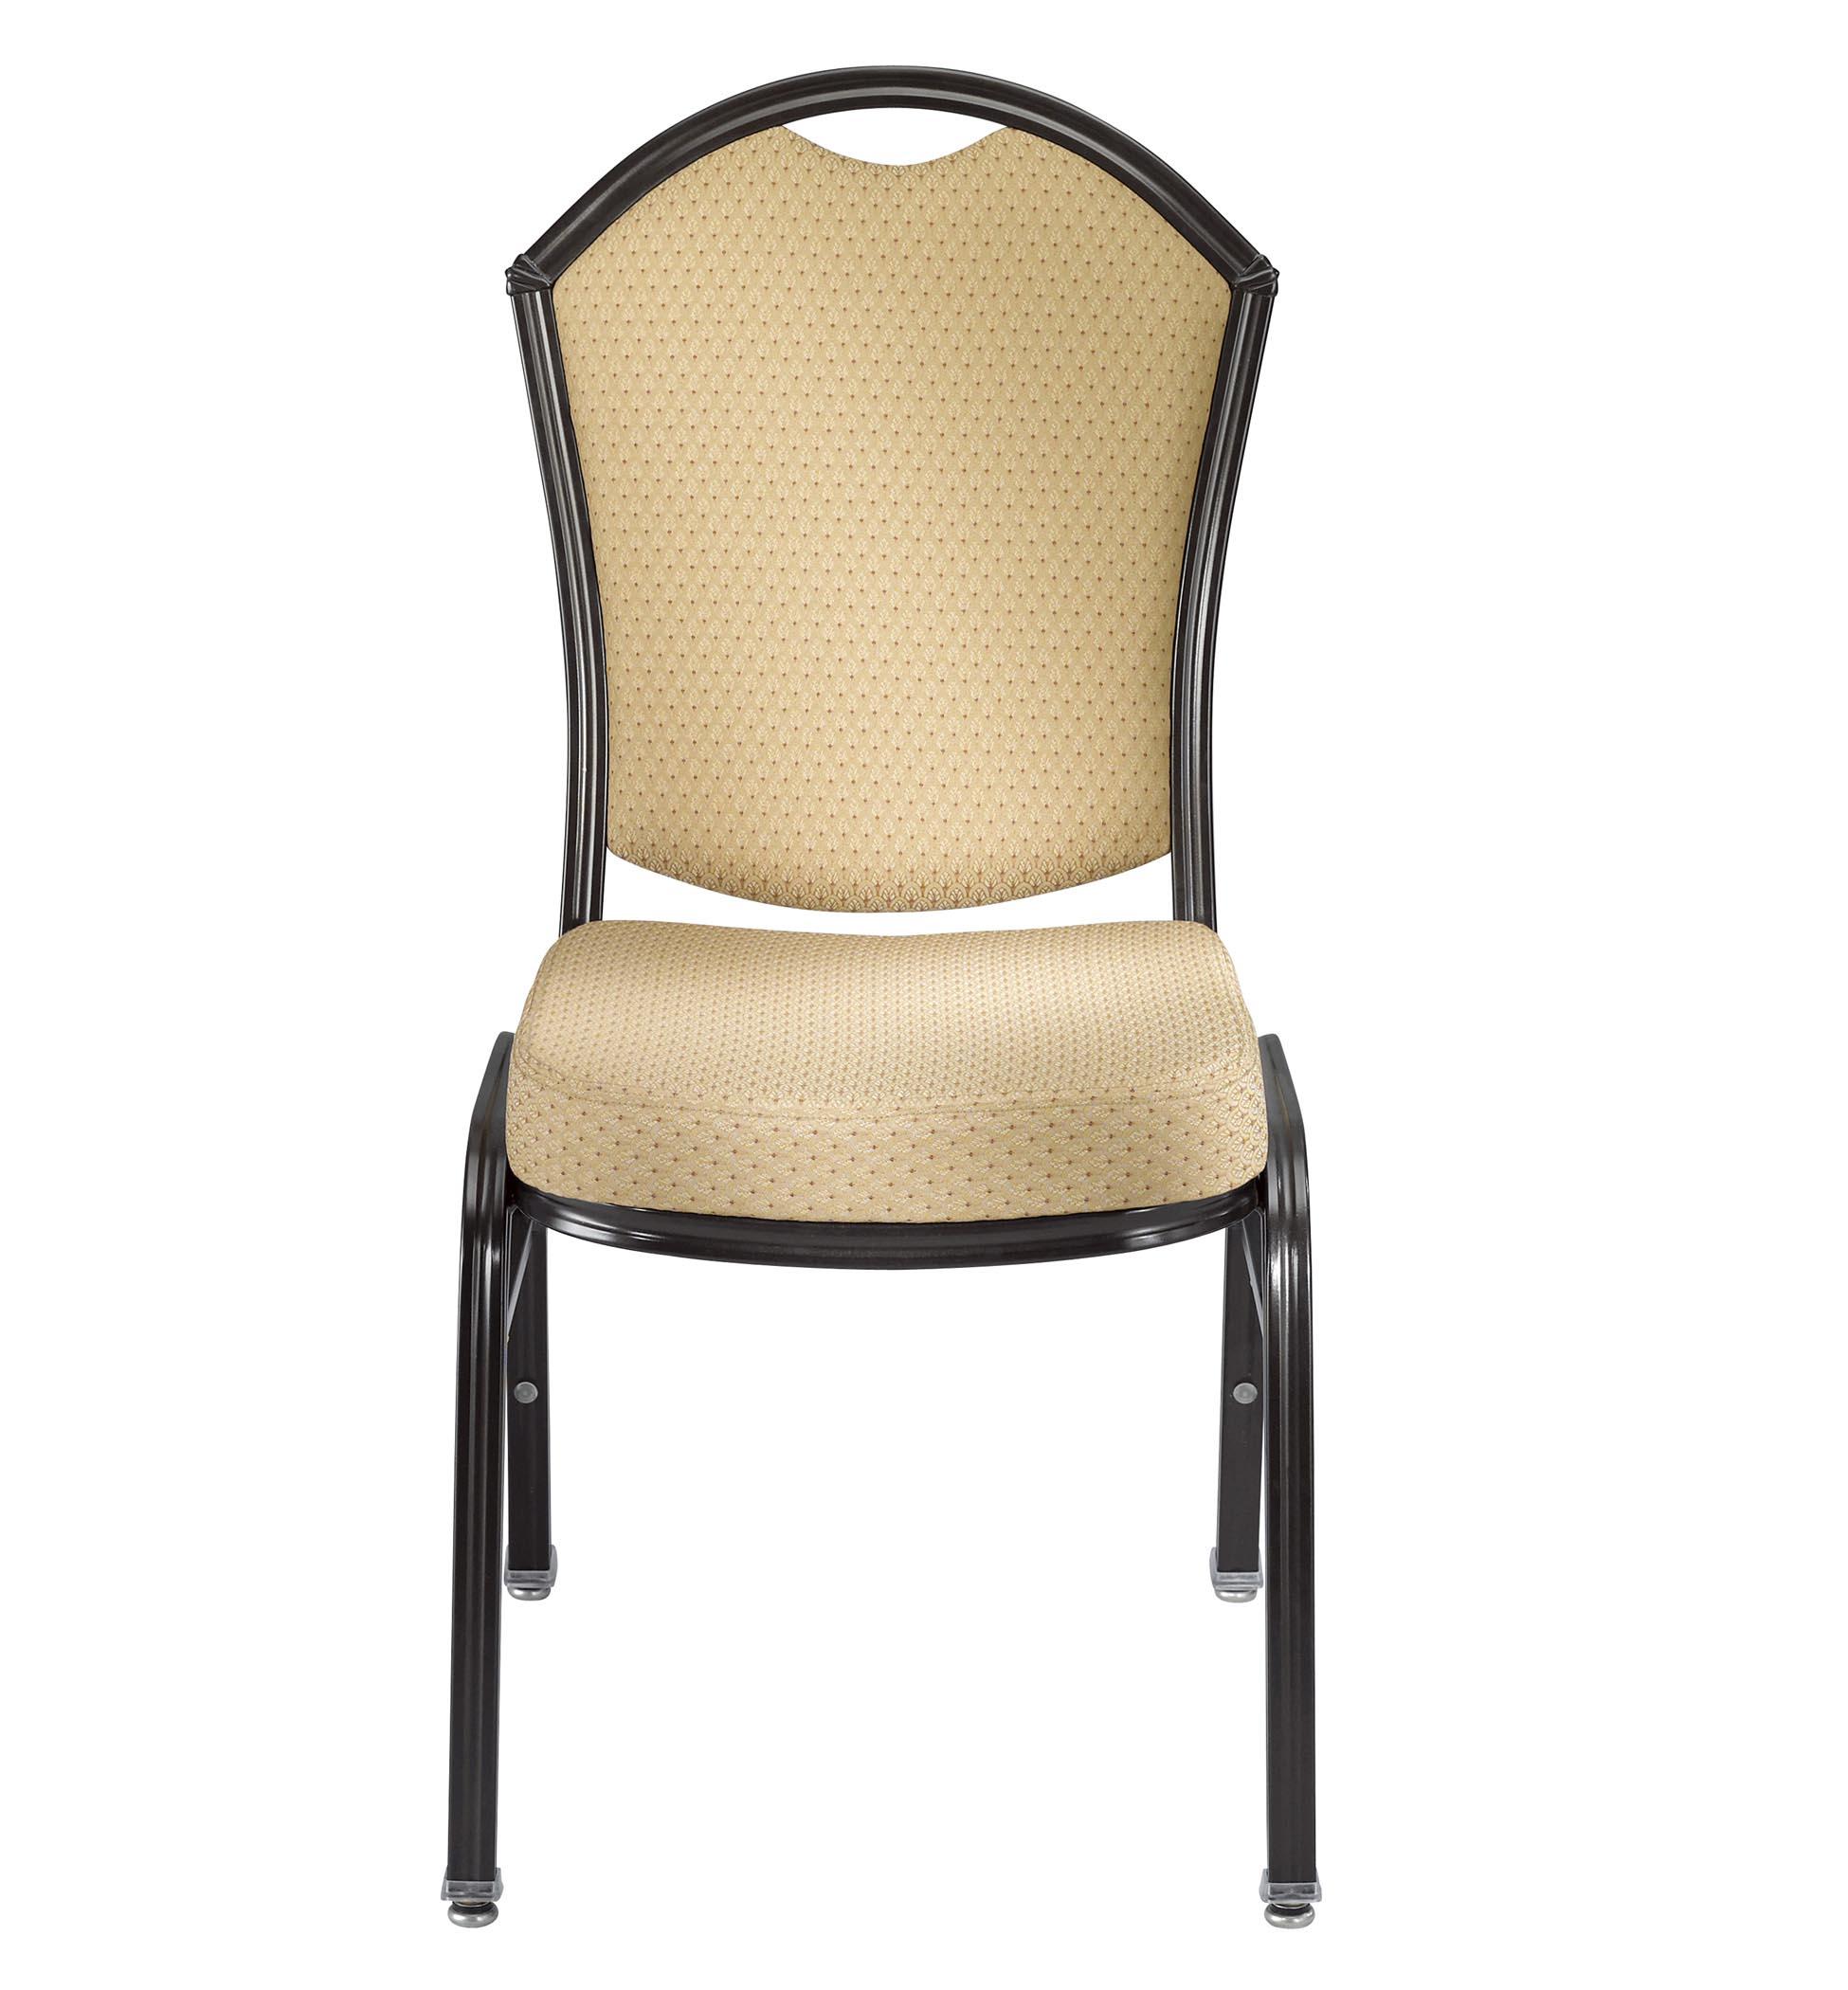 8555 / 8555-AB Aluminum Banquet Chair